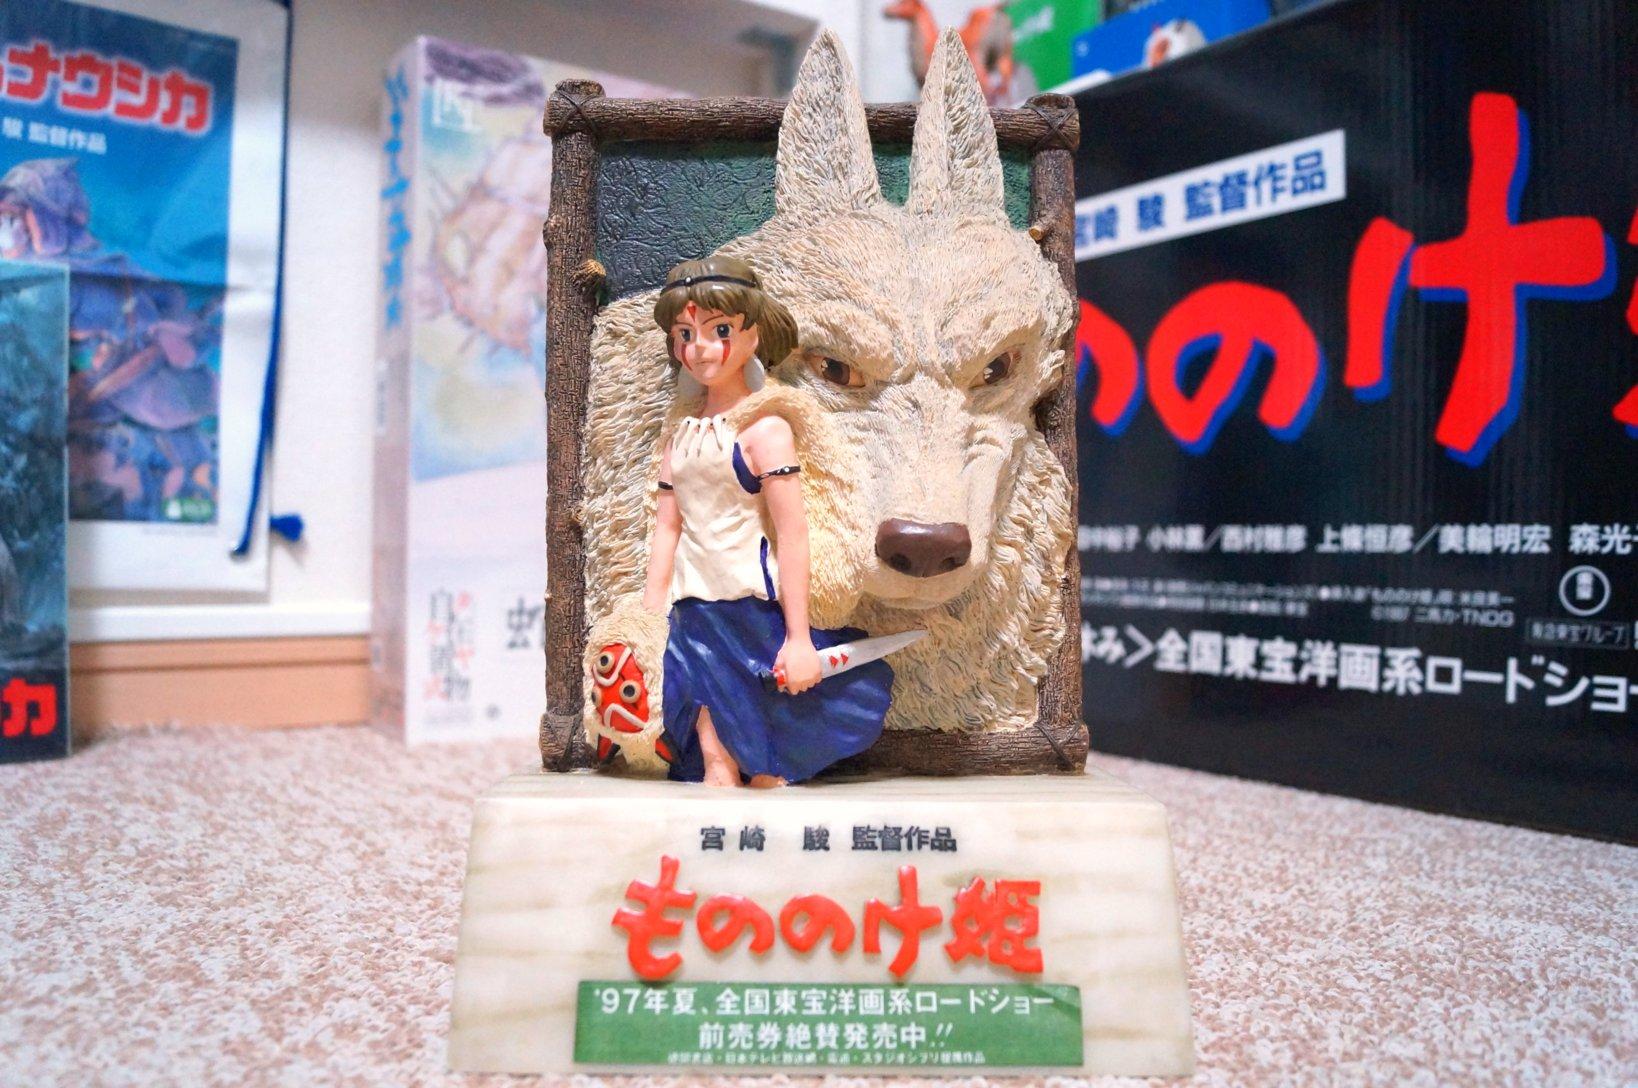 もののけ姫公開時に劇場で使われていたフィギュア